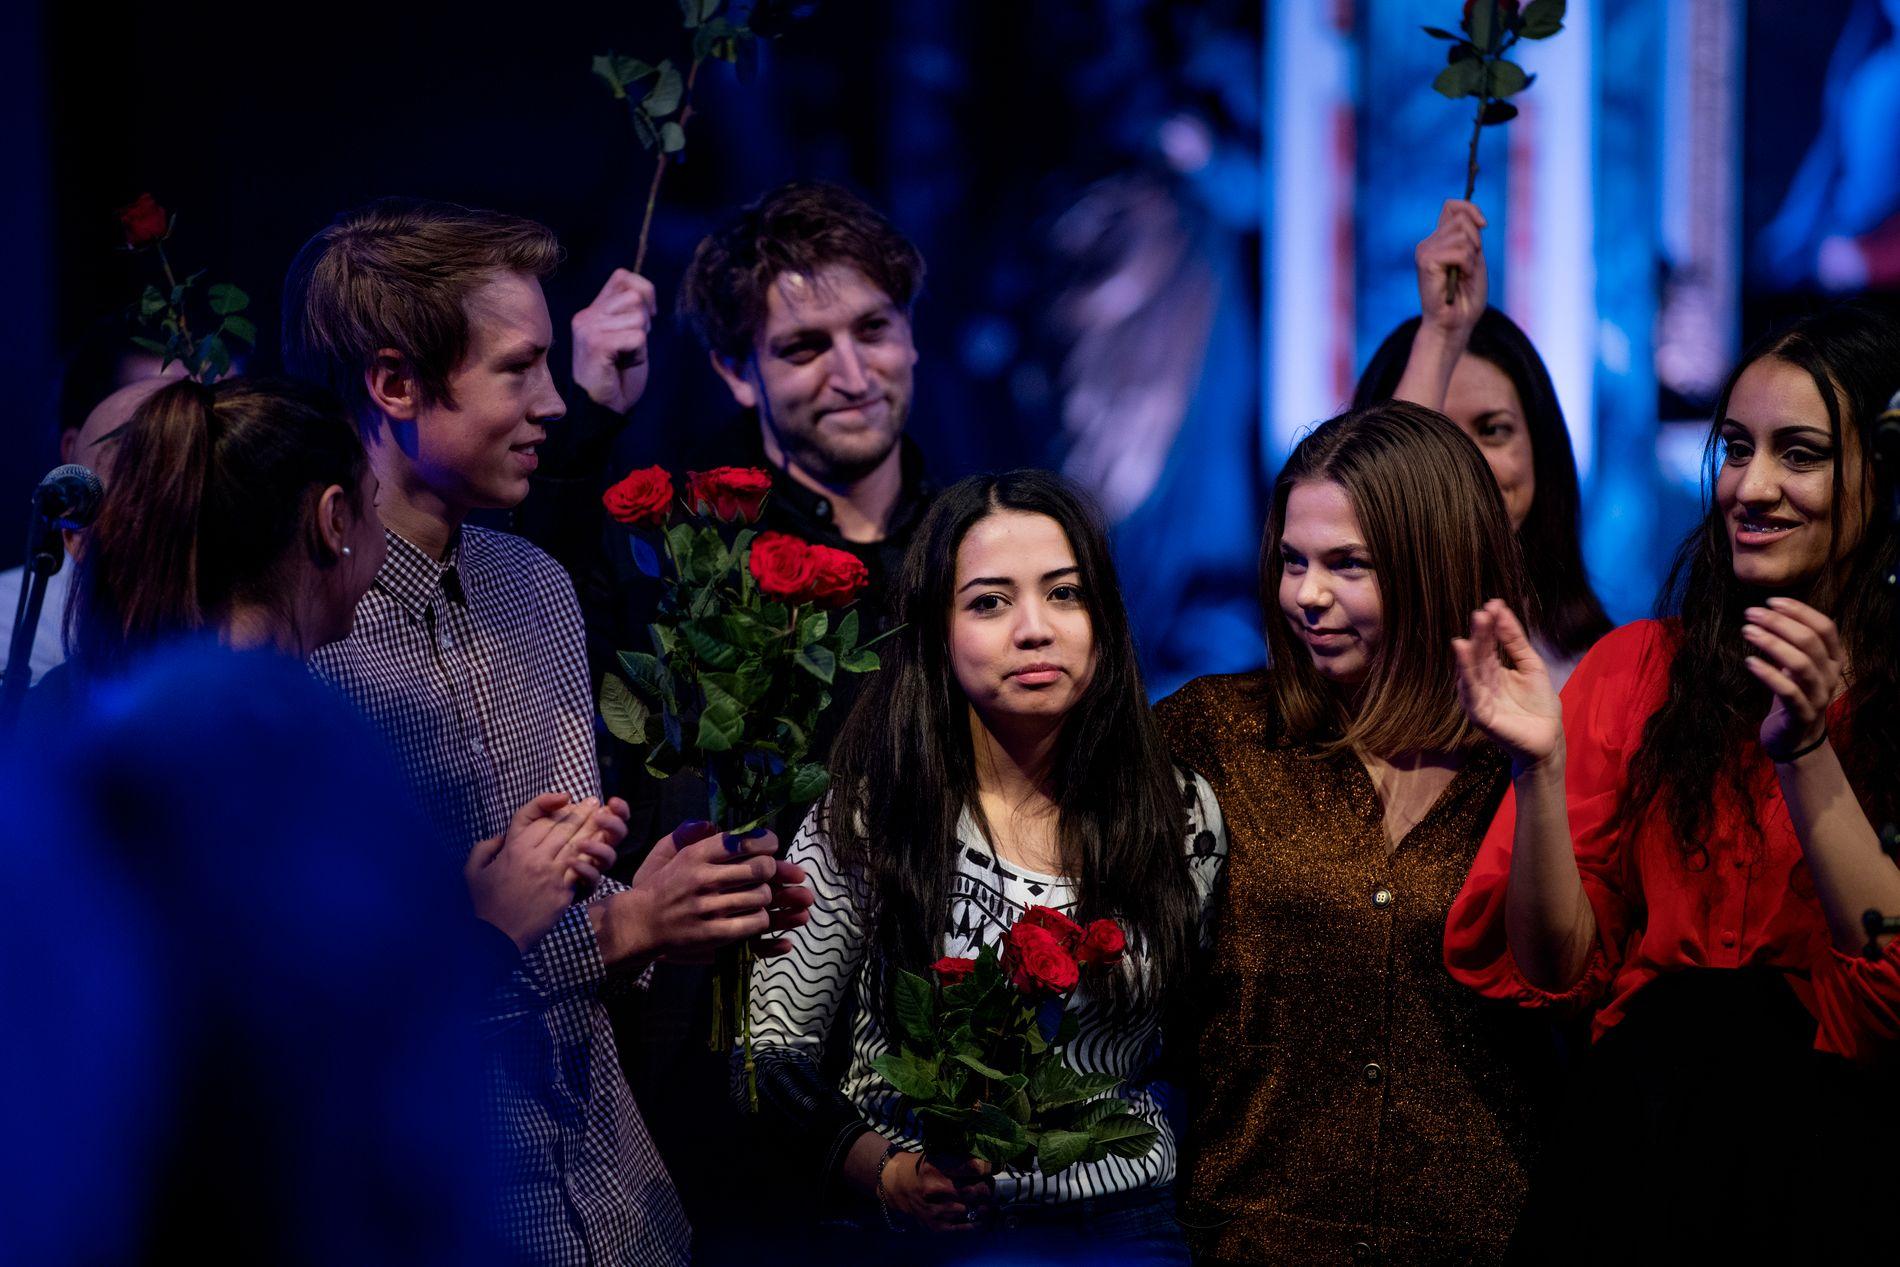 FÅR STØTTE: Lokalbefolkningen i Trondheim reagerer sterkt på at Abbasi-familien har blitt tvangsutsendt. Her er Taibeh (20) på scenen under en støttekonsert for familien i 2018.